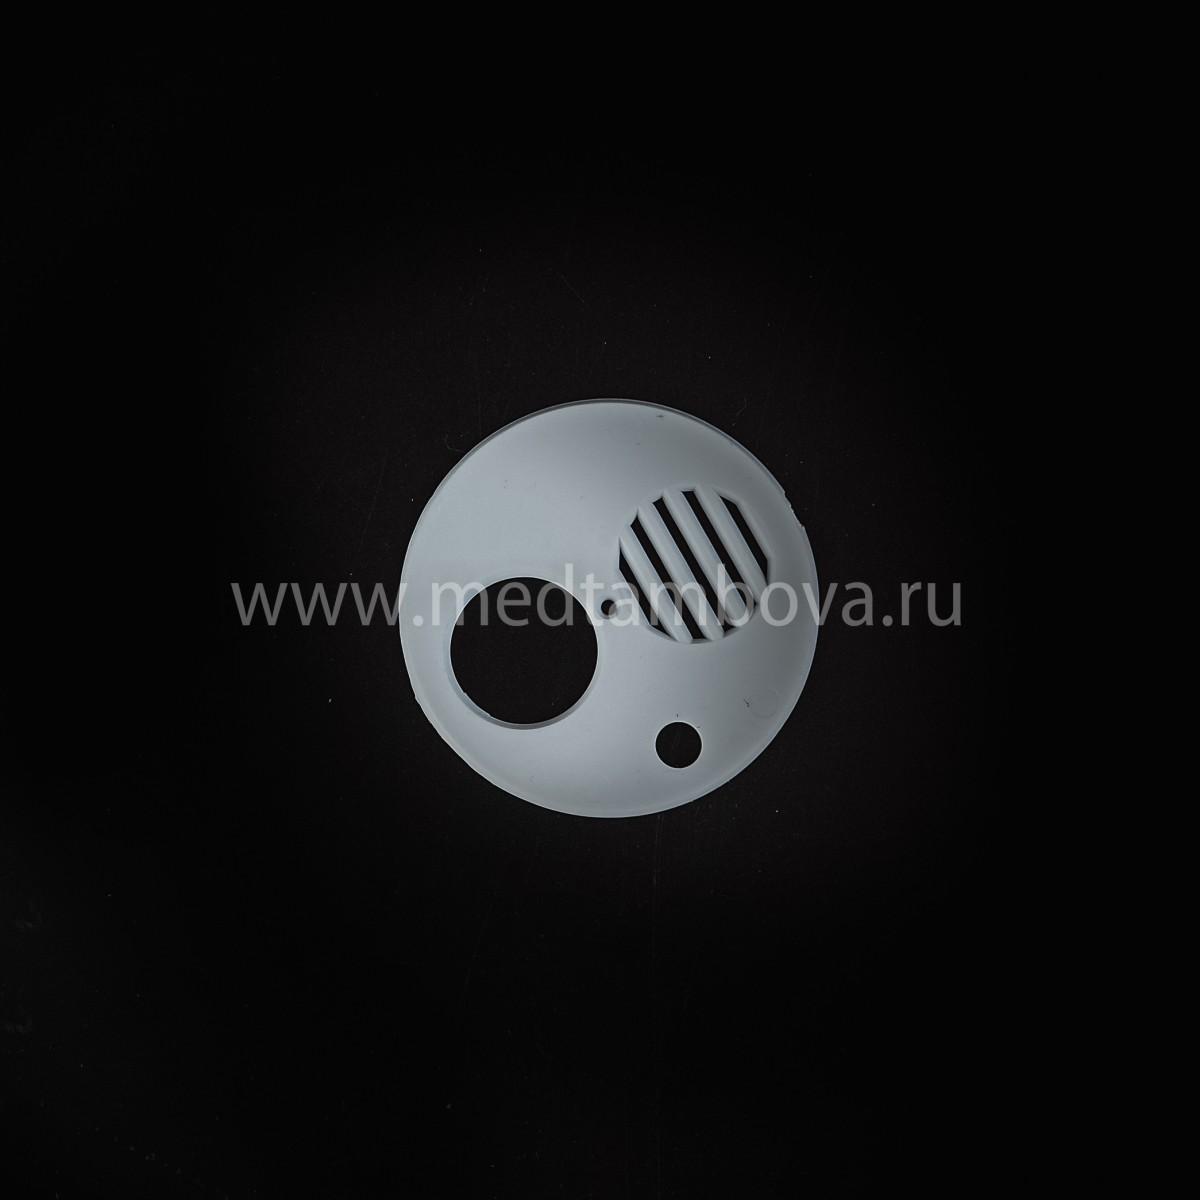 Летковый заградитель круглый 4-х функциональный пластмассовый d=80 мм